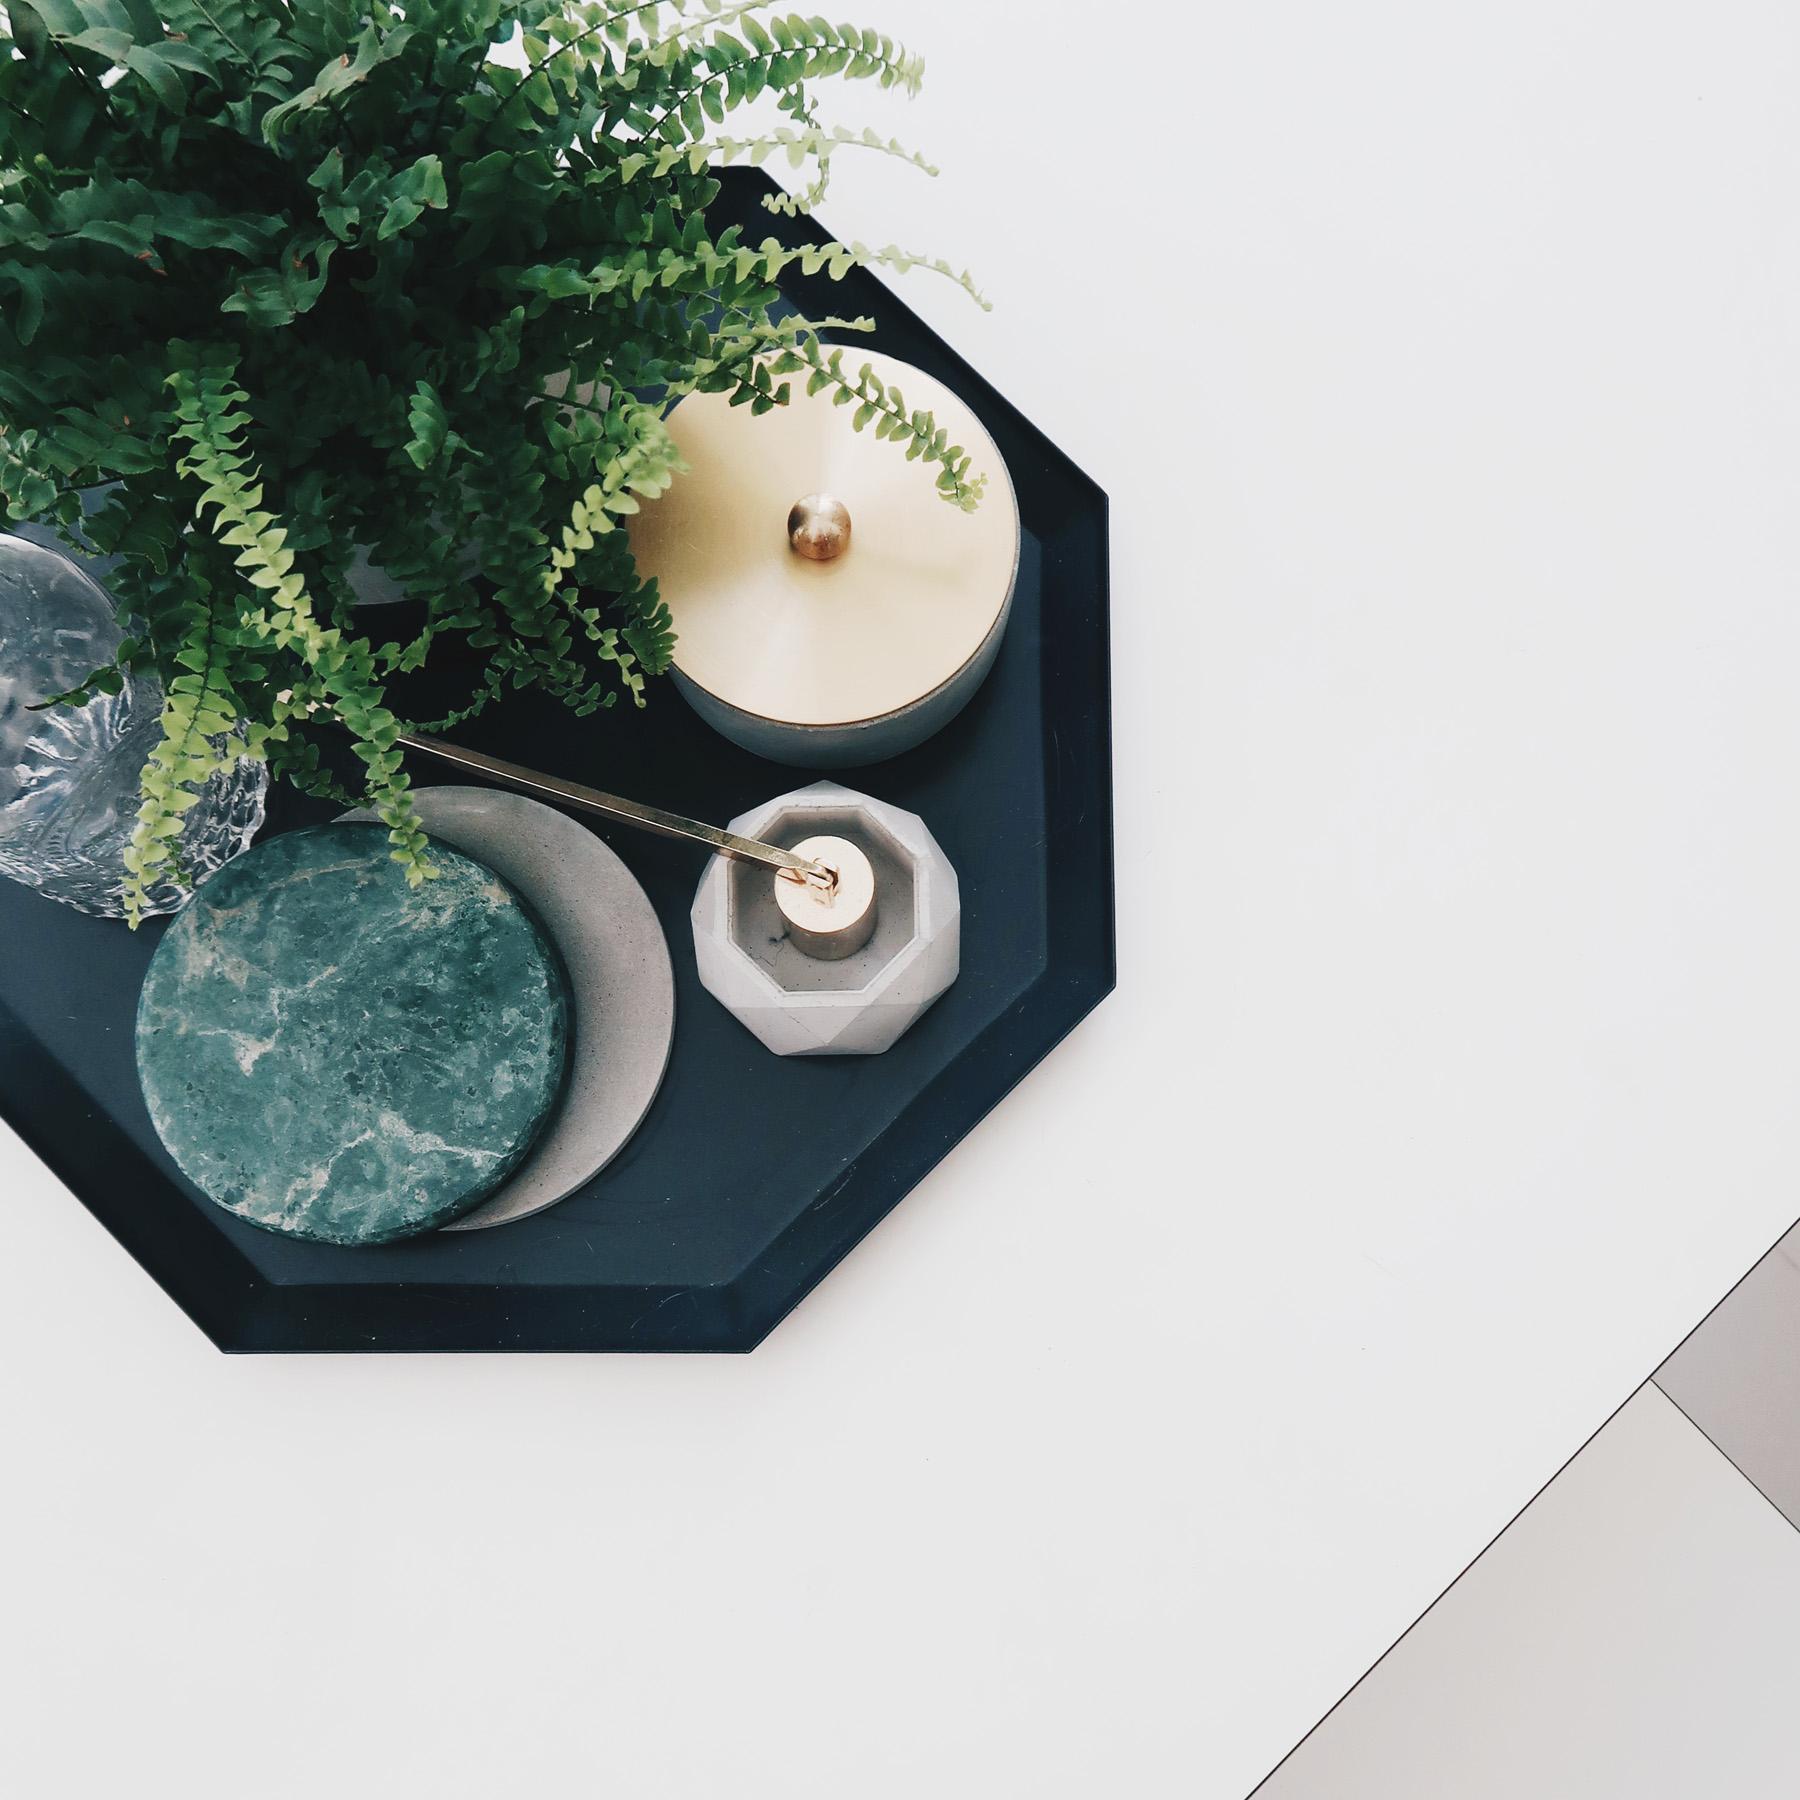 Home Decor 懸月圓球黃銅蓋水泥收納容器 - 居家擺飾搭配